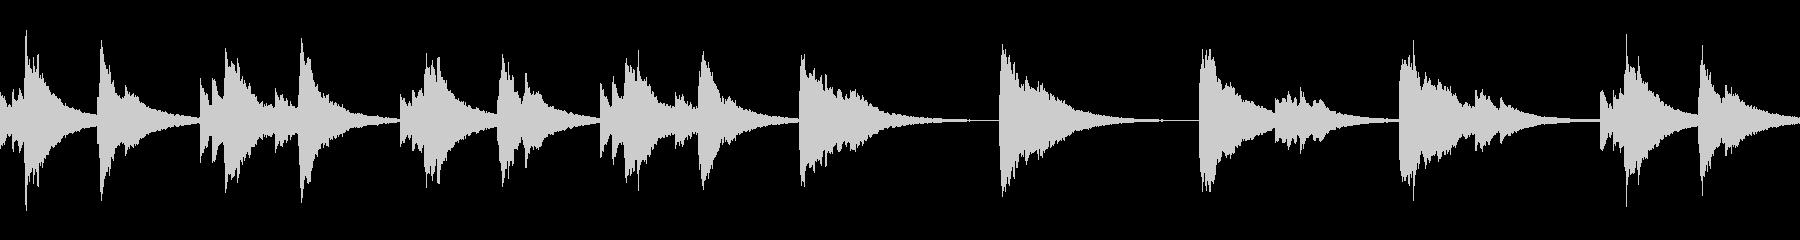 【すやすや…】優しいオルゴール風ループの未再生の波形